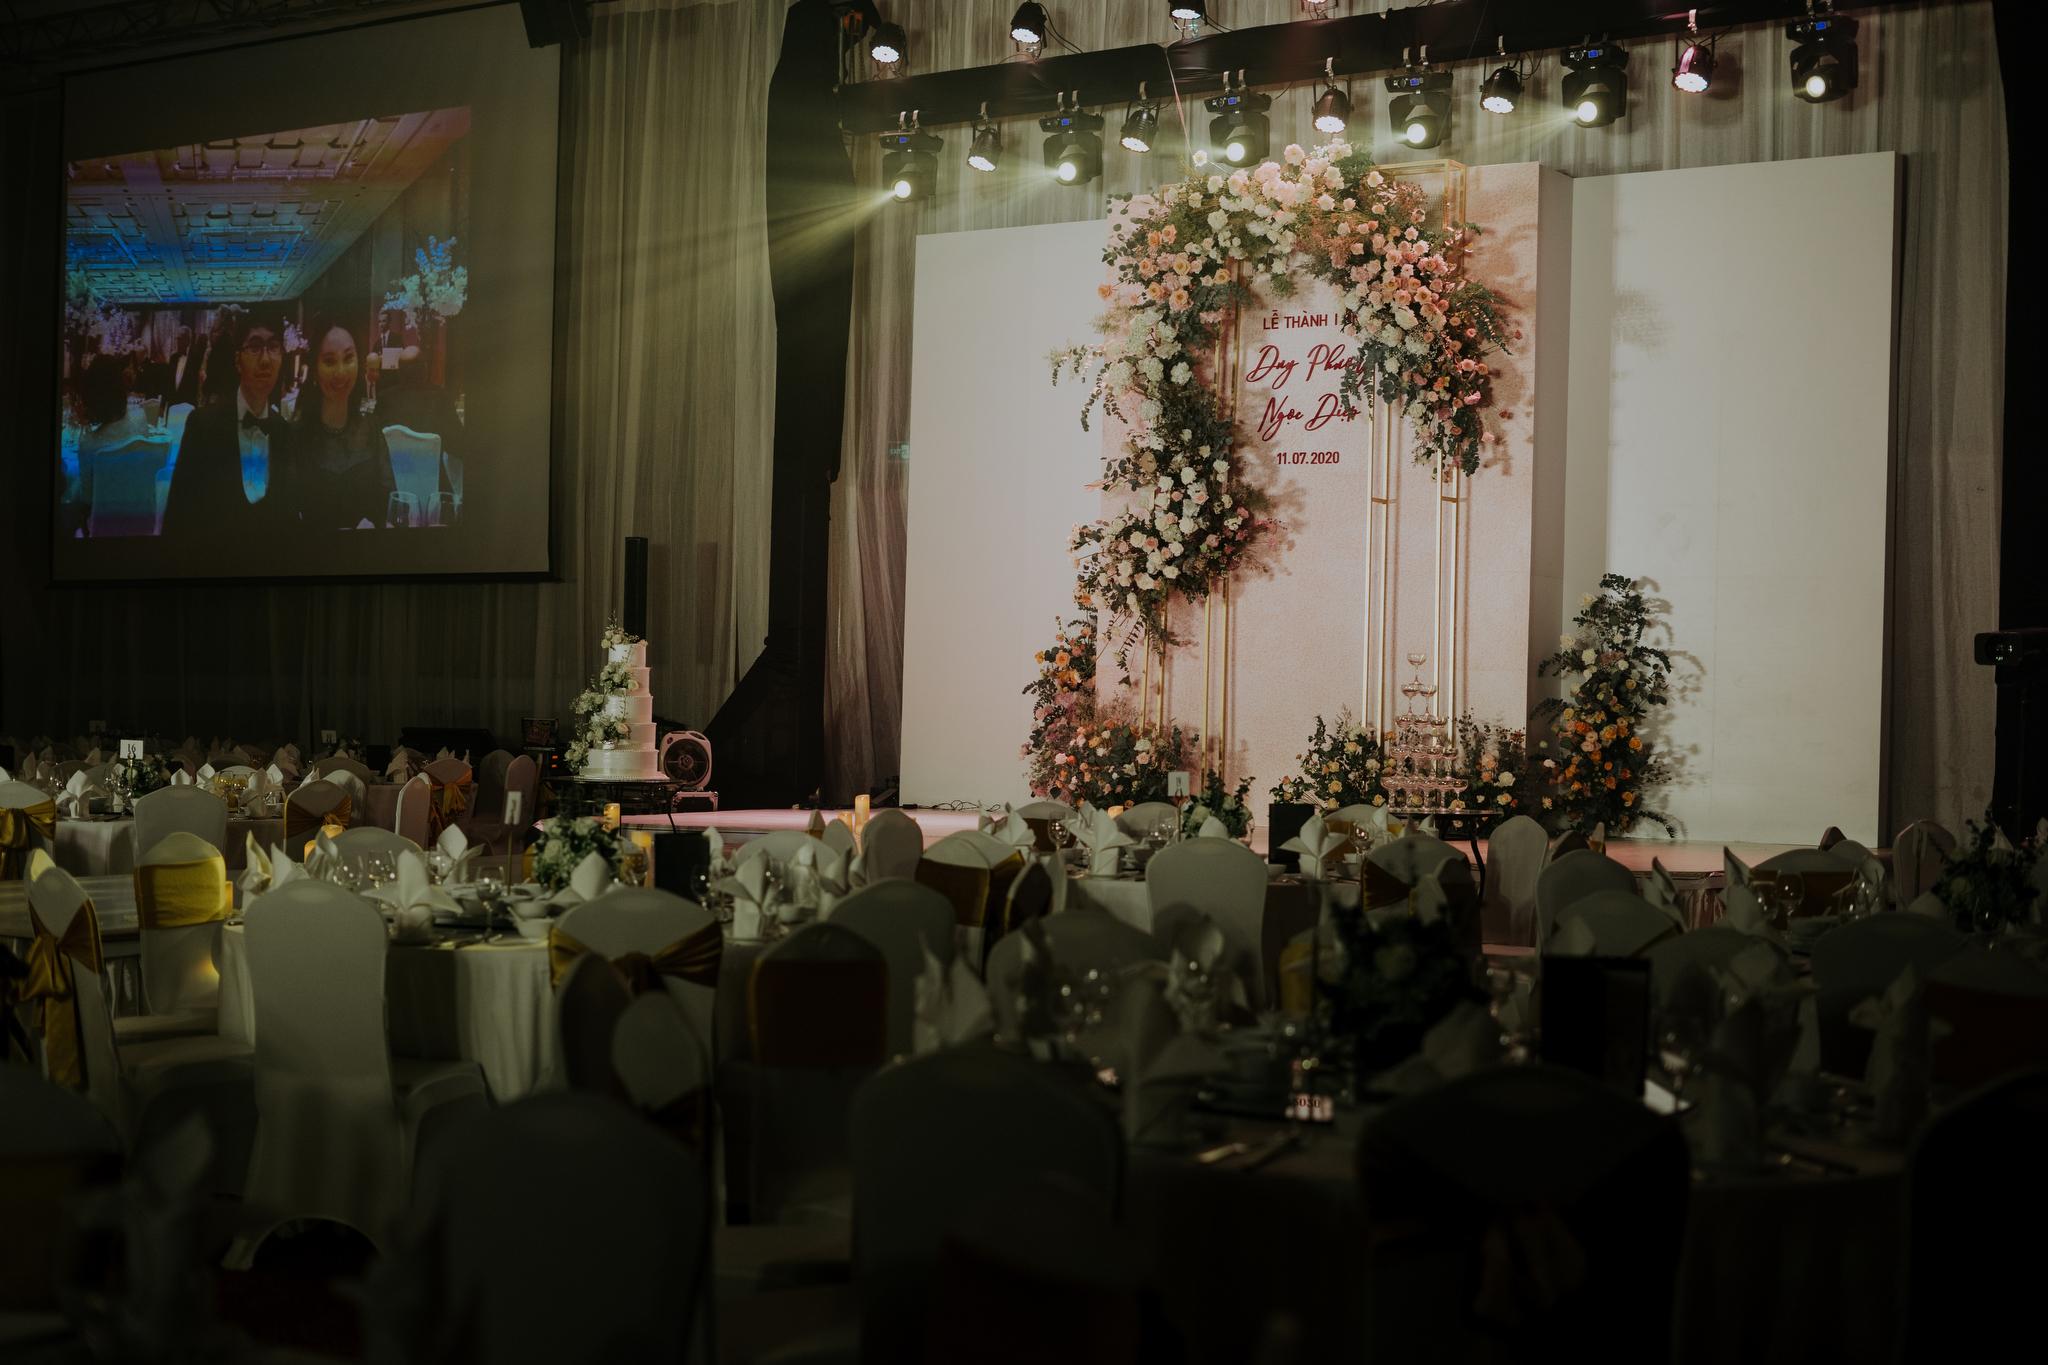 https://huk.s3.amazonaws.com/uploads/image/source/1434/Phuong-Diep-HN-Ceremony-2-0021.JPG